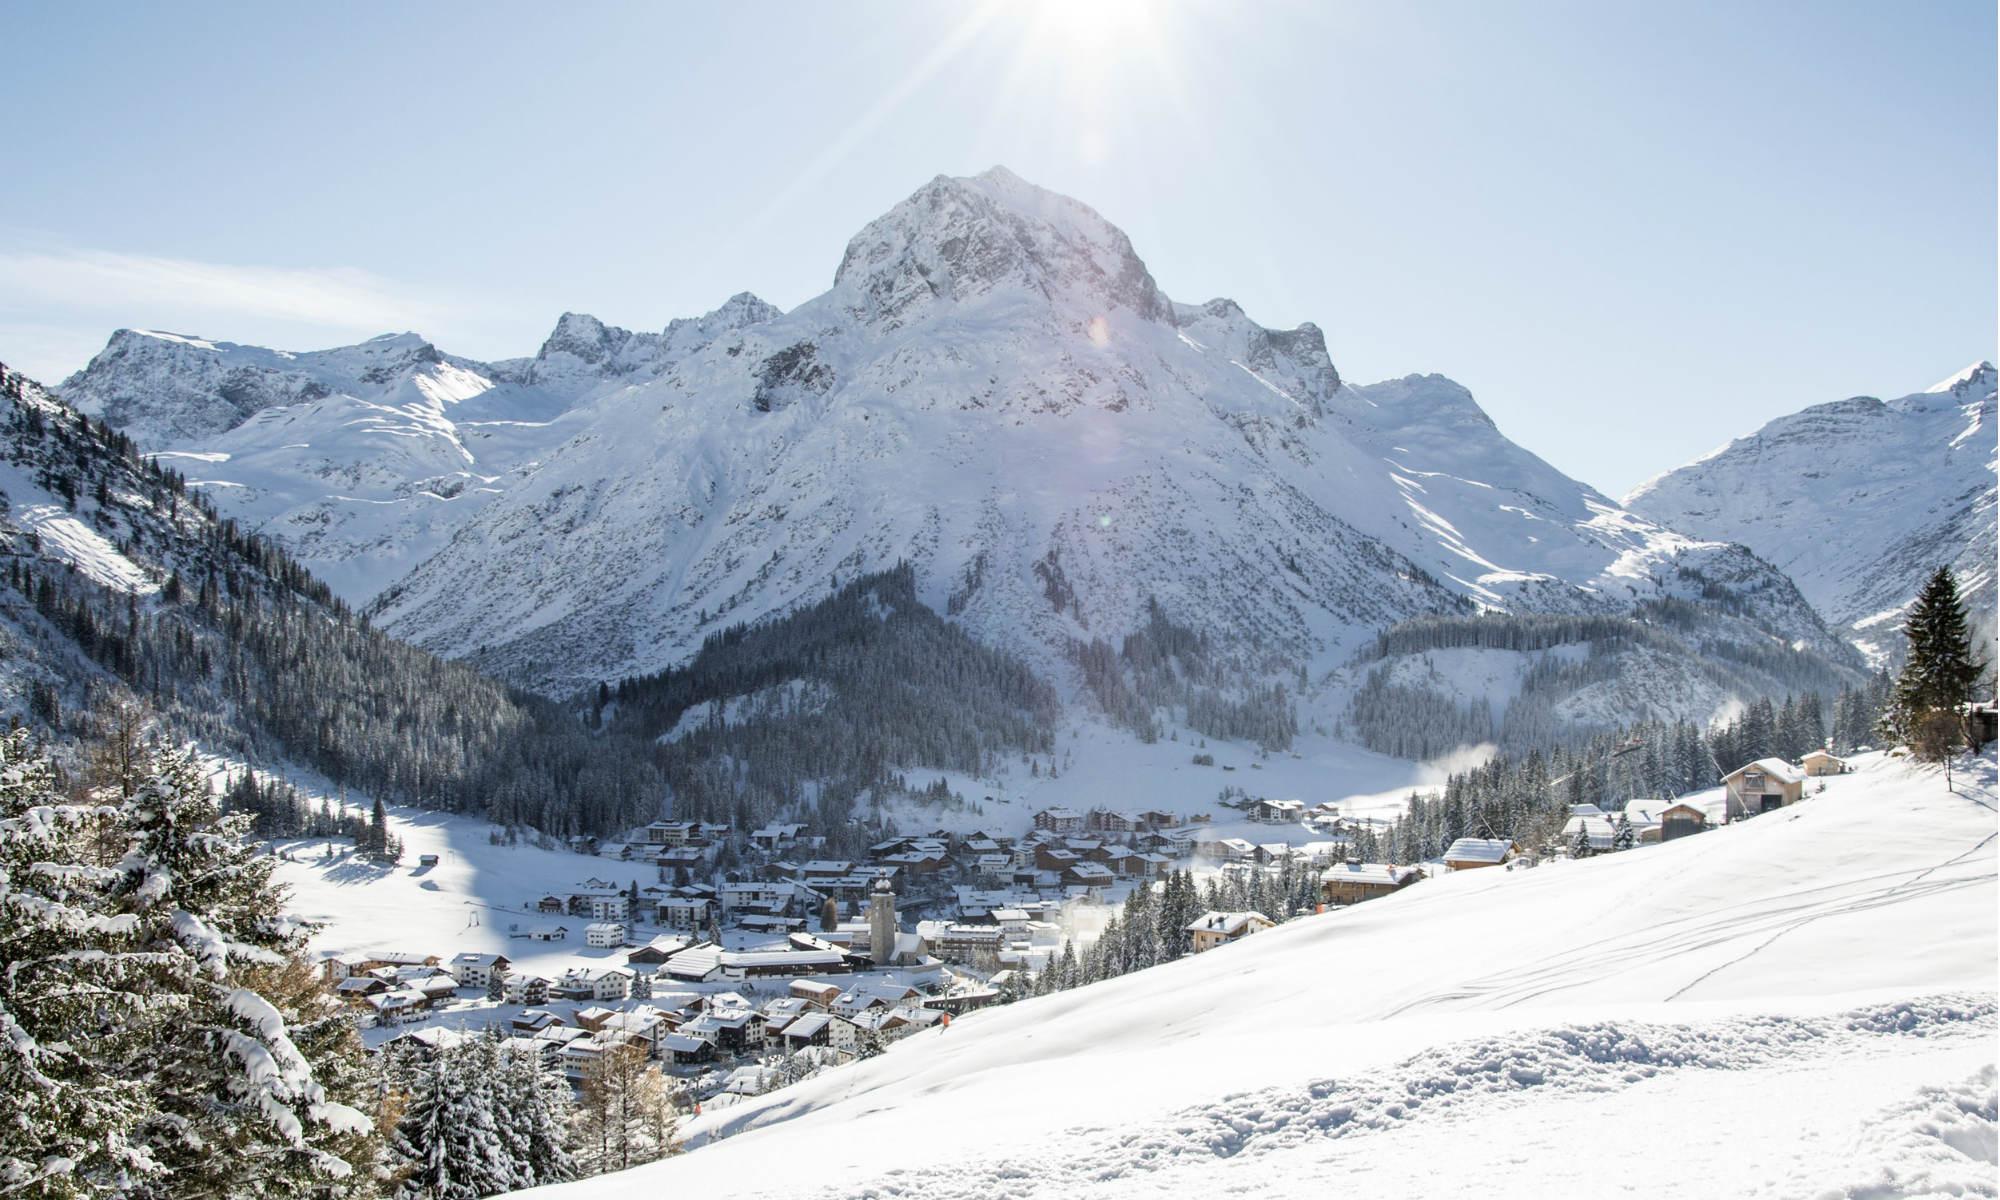 Blick auf den Nobelskiort Lech am Arlberg mit dem Omeshorn im Hintergrund.